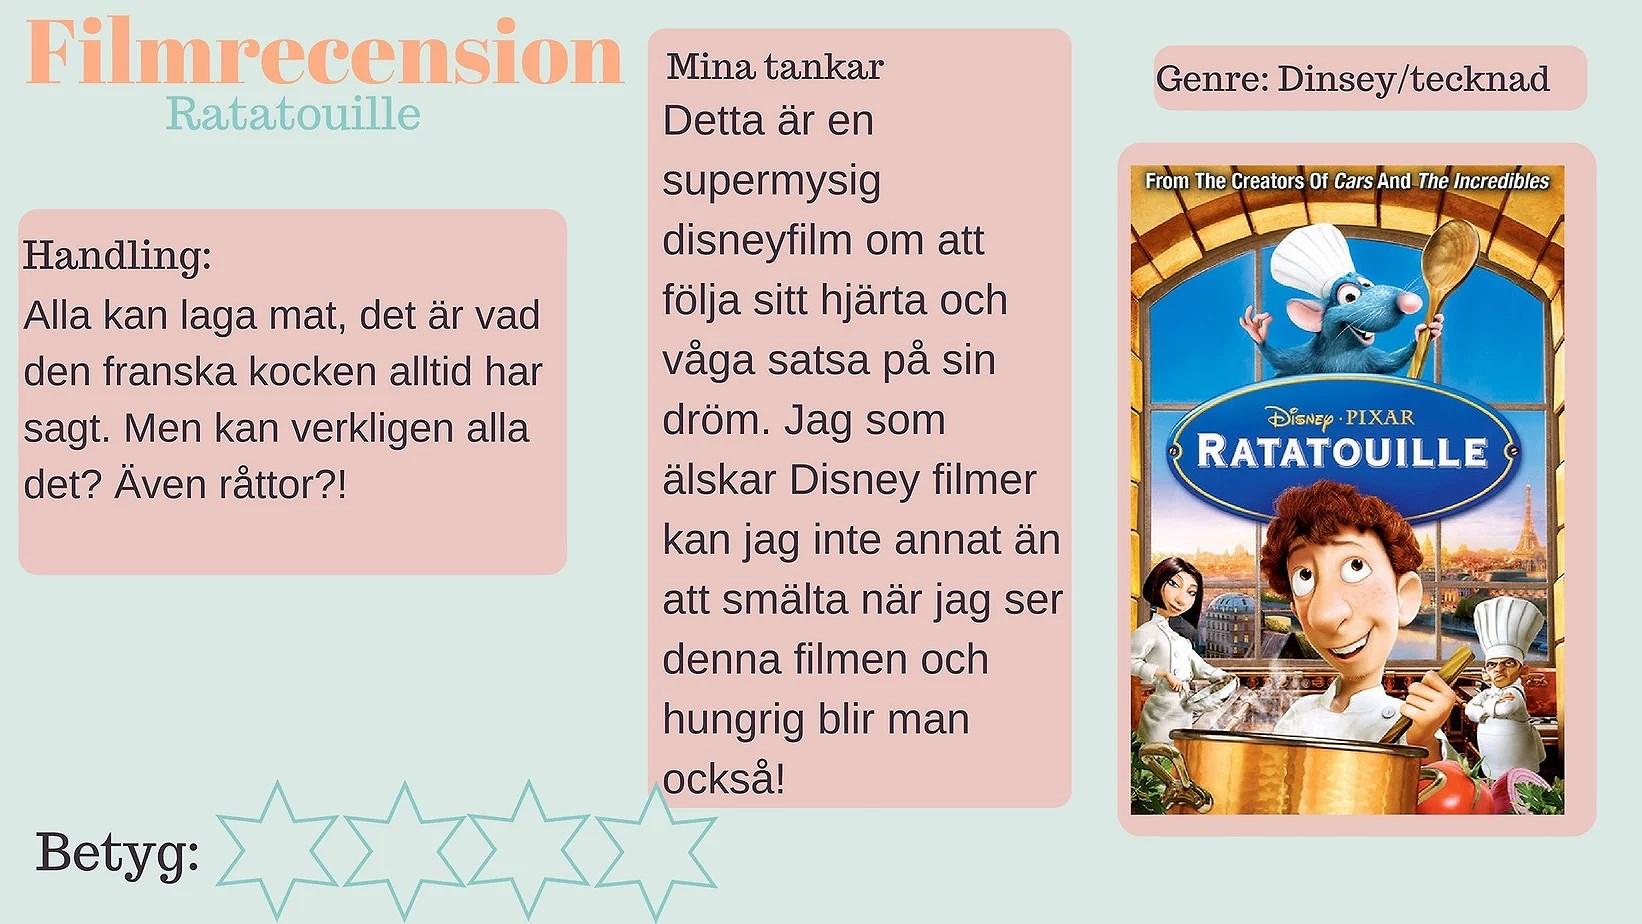 Filmrecension - Ratatouille